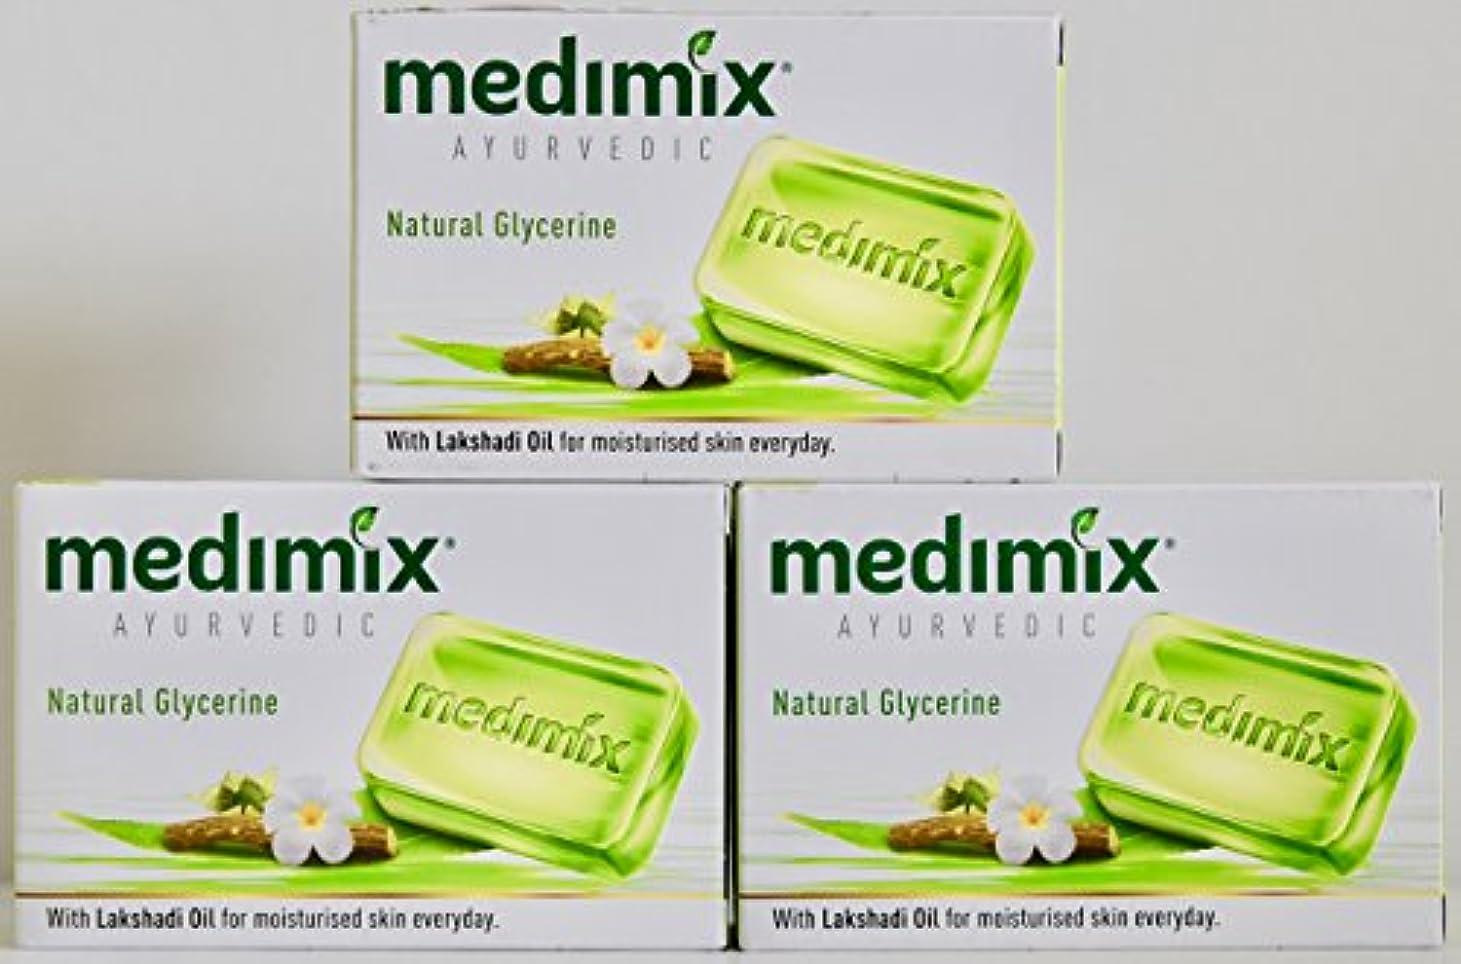 エスカレータースチュアート島祖母MEDIMIX メディミックス アーユルヴェディック ナチュラルグリセリン 3個入り  125g